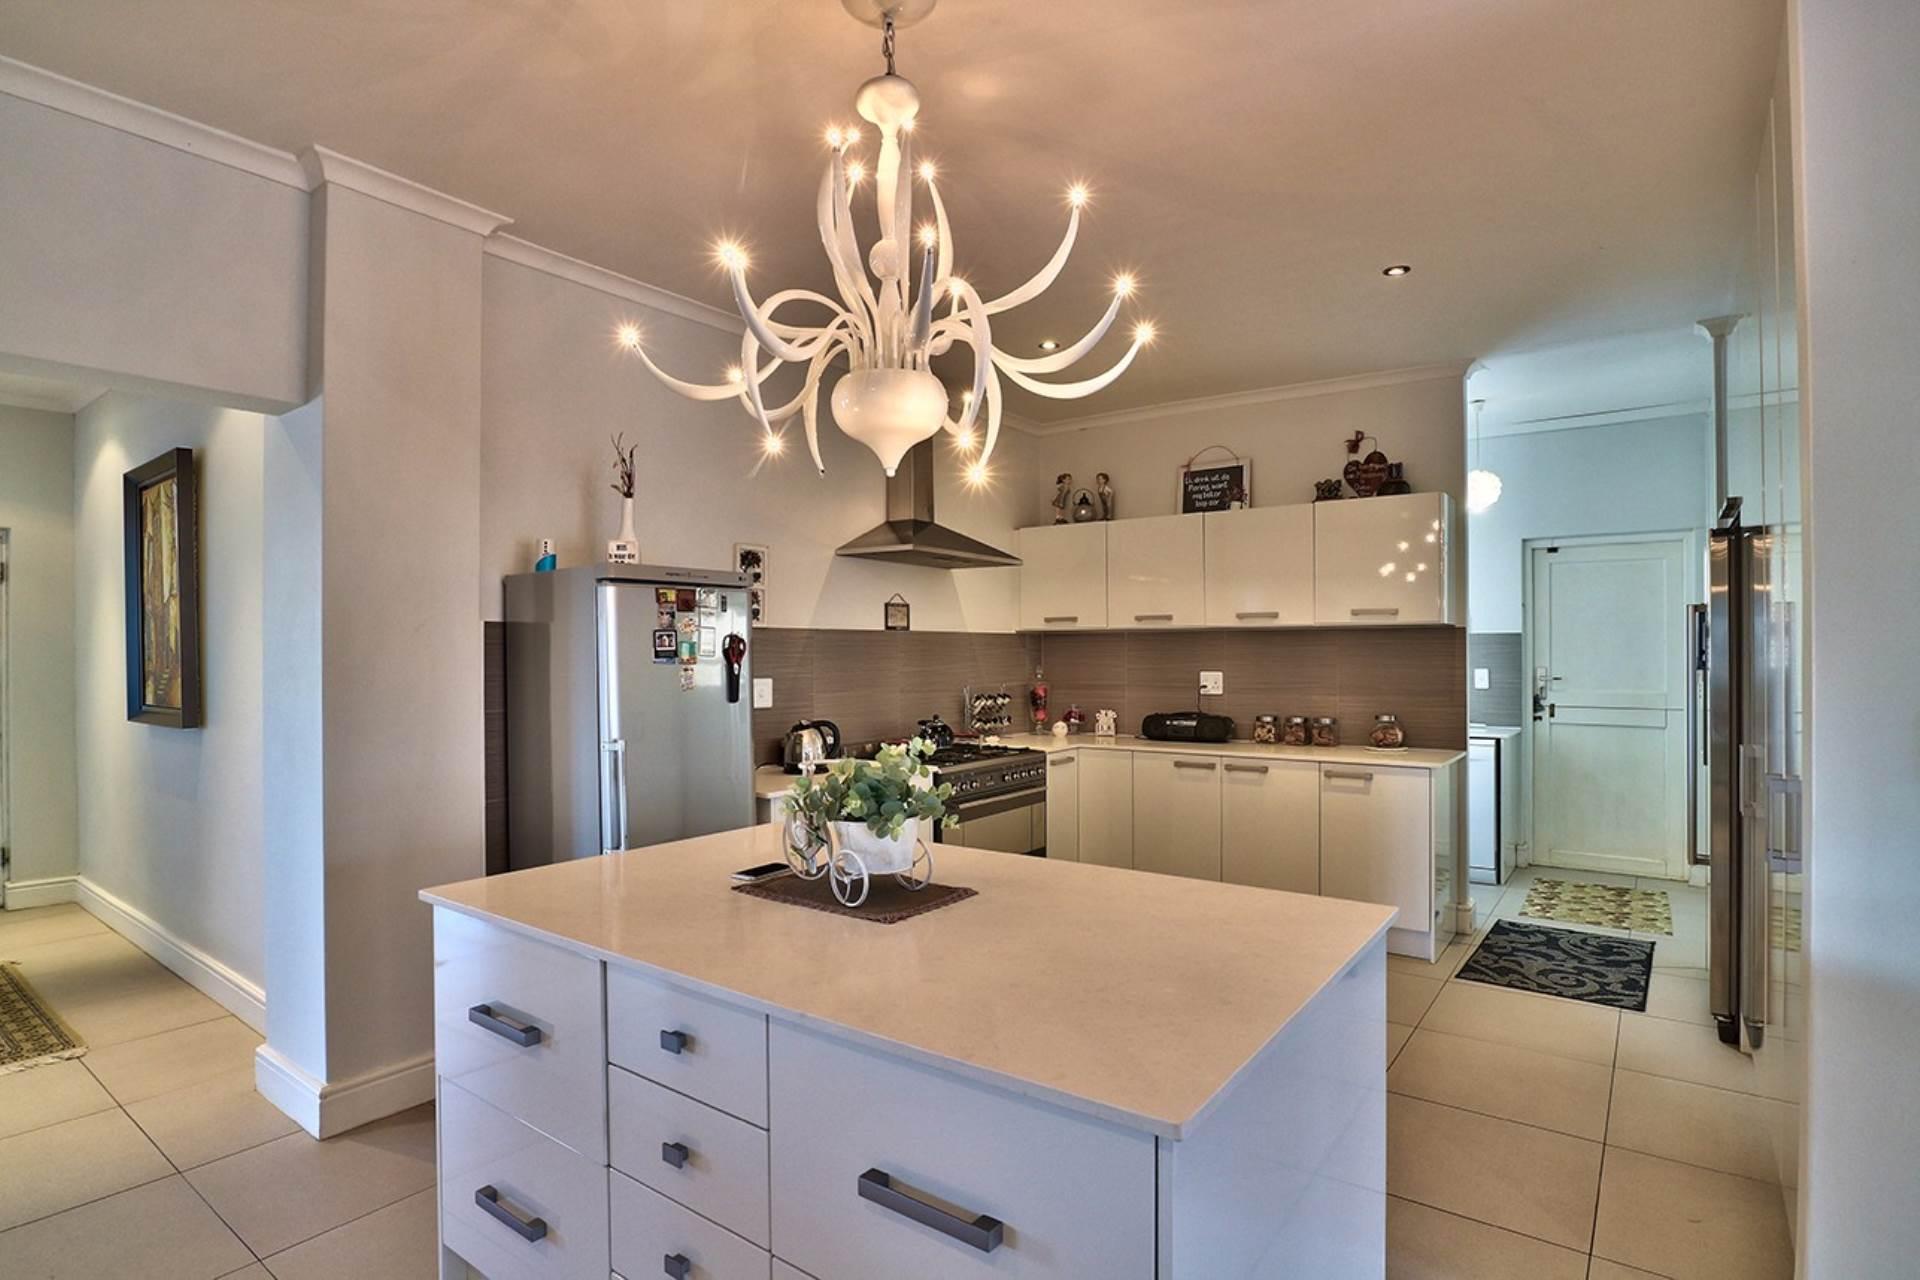 Avalon Estate property for sale. Ref No: 13537748. Picture no 5